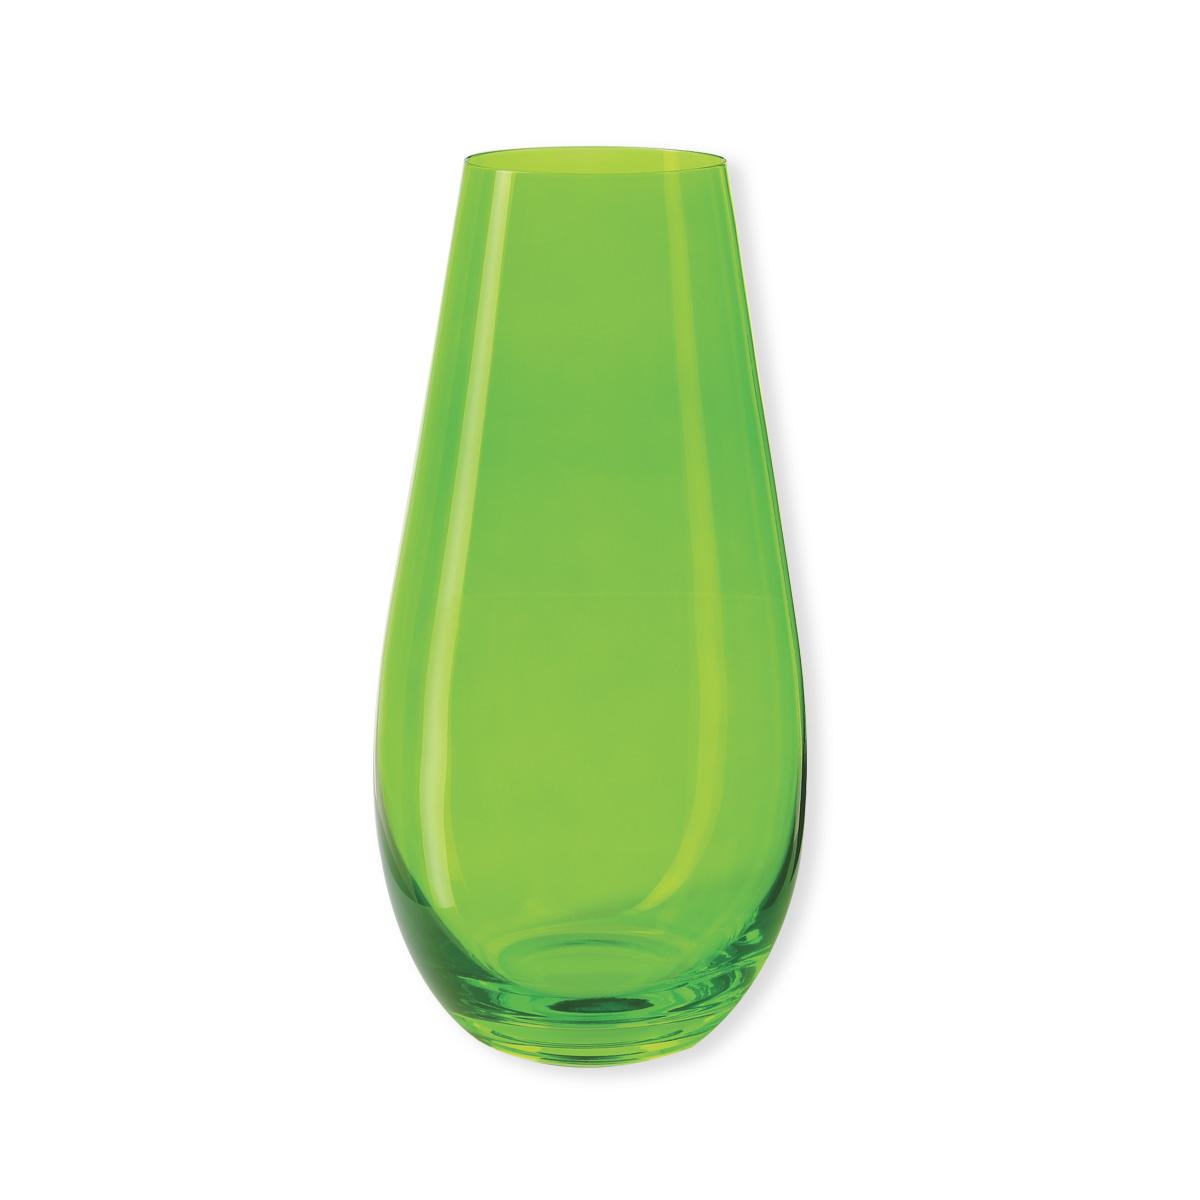 vase en verre color vert verrerie design et chic bruno evrard. Black Bedroom Furniture Sets. Home Design Ideas